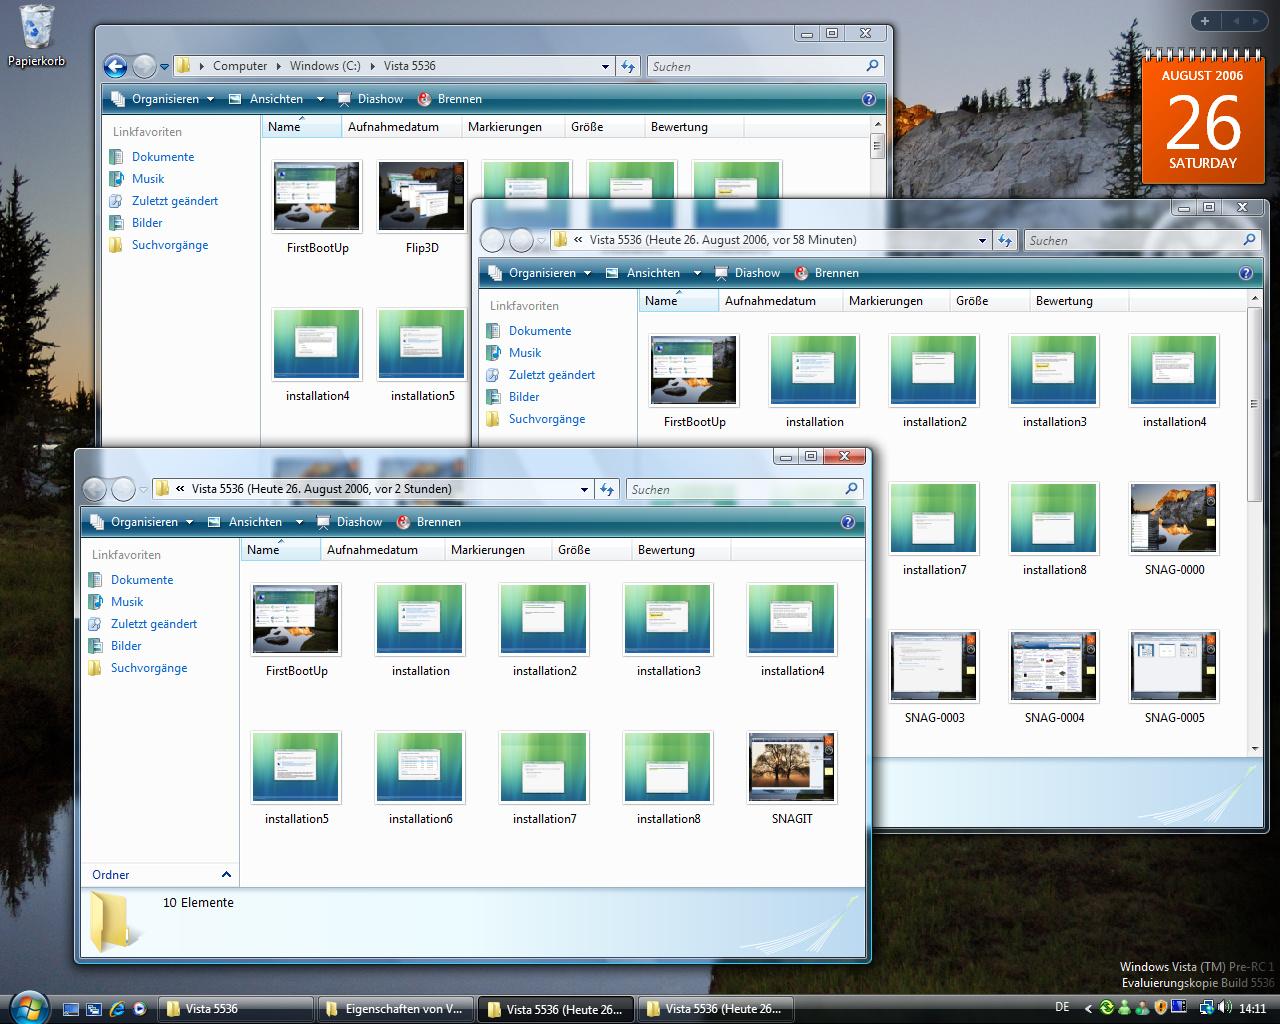 Windows Vista Build 5536 - Schattenkopie zeigt ein und den selben Ordnern zu verschiedenen Zeitpunkten